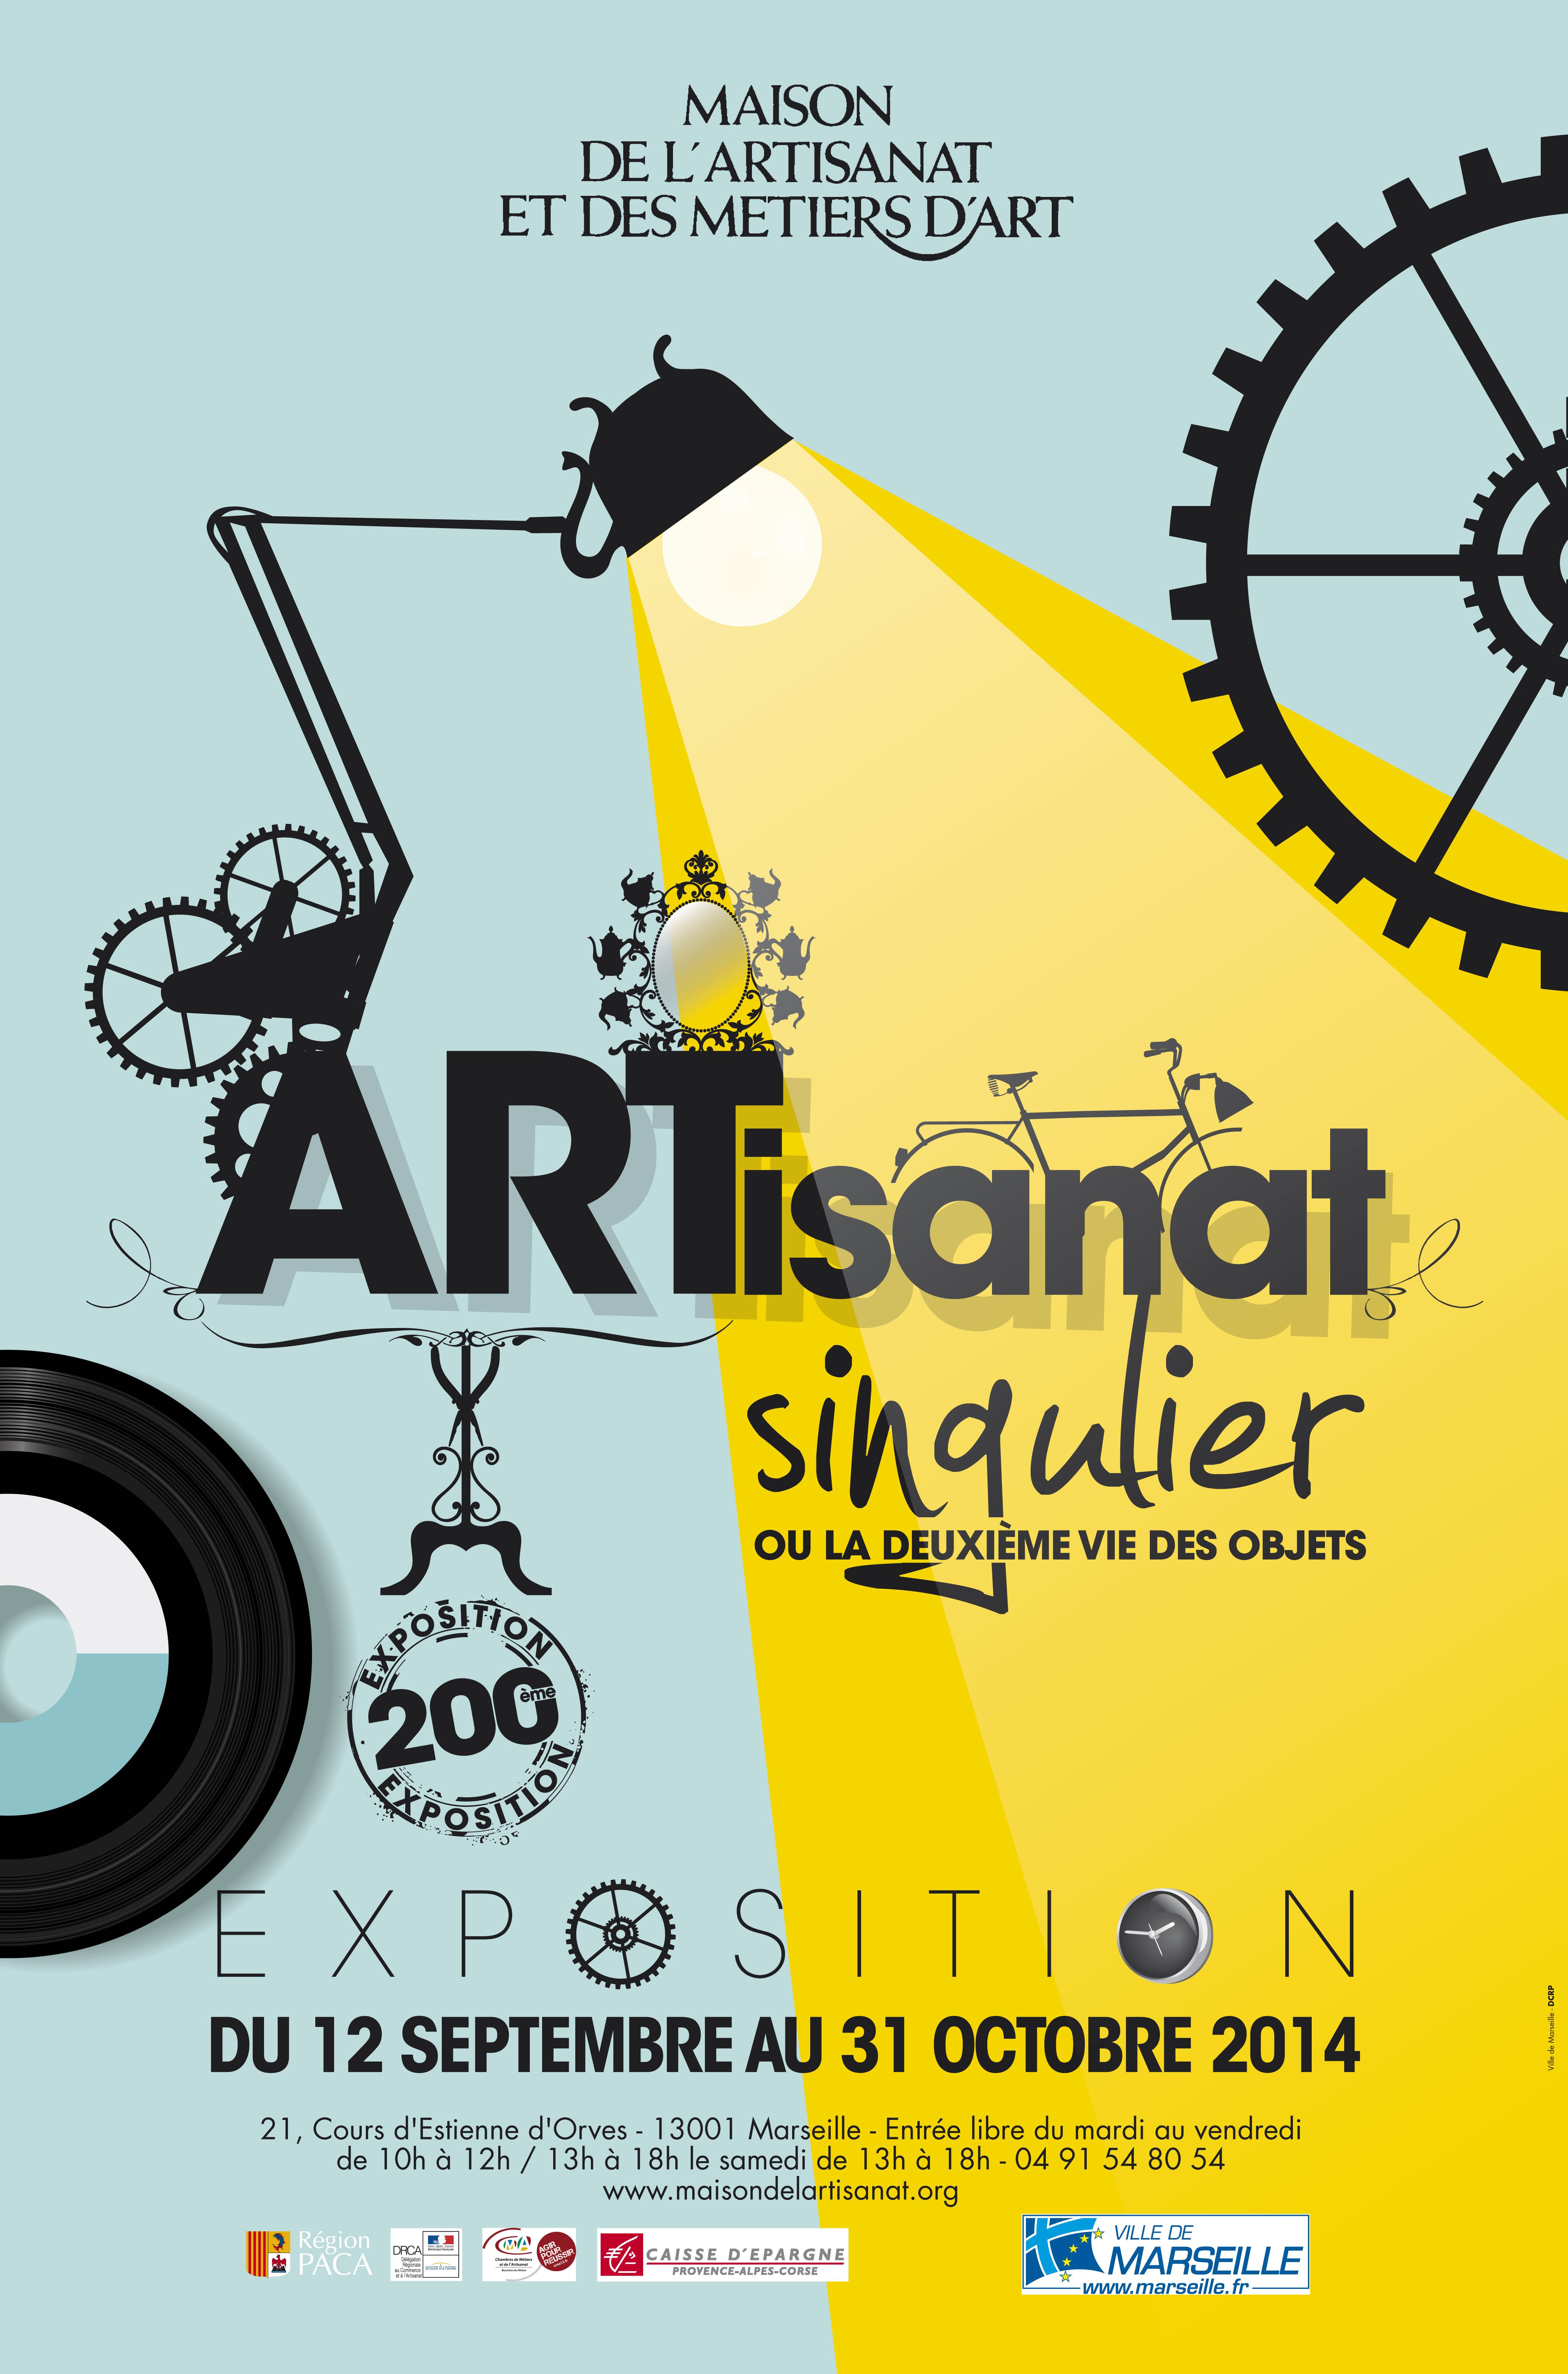 Affiche exposition Artisanat singulier à Marseille